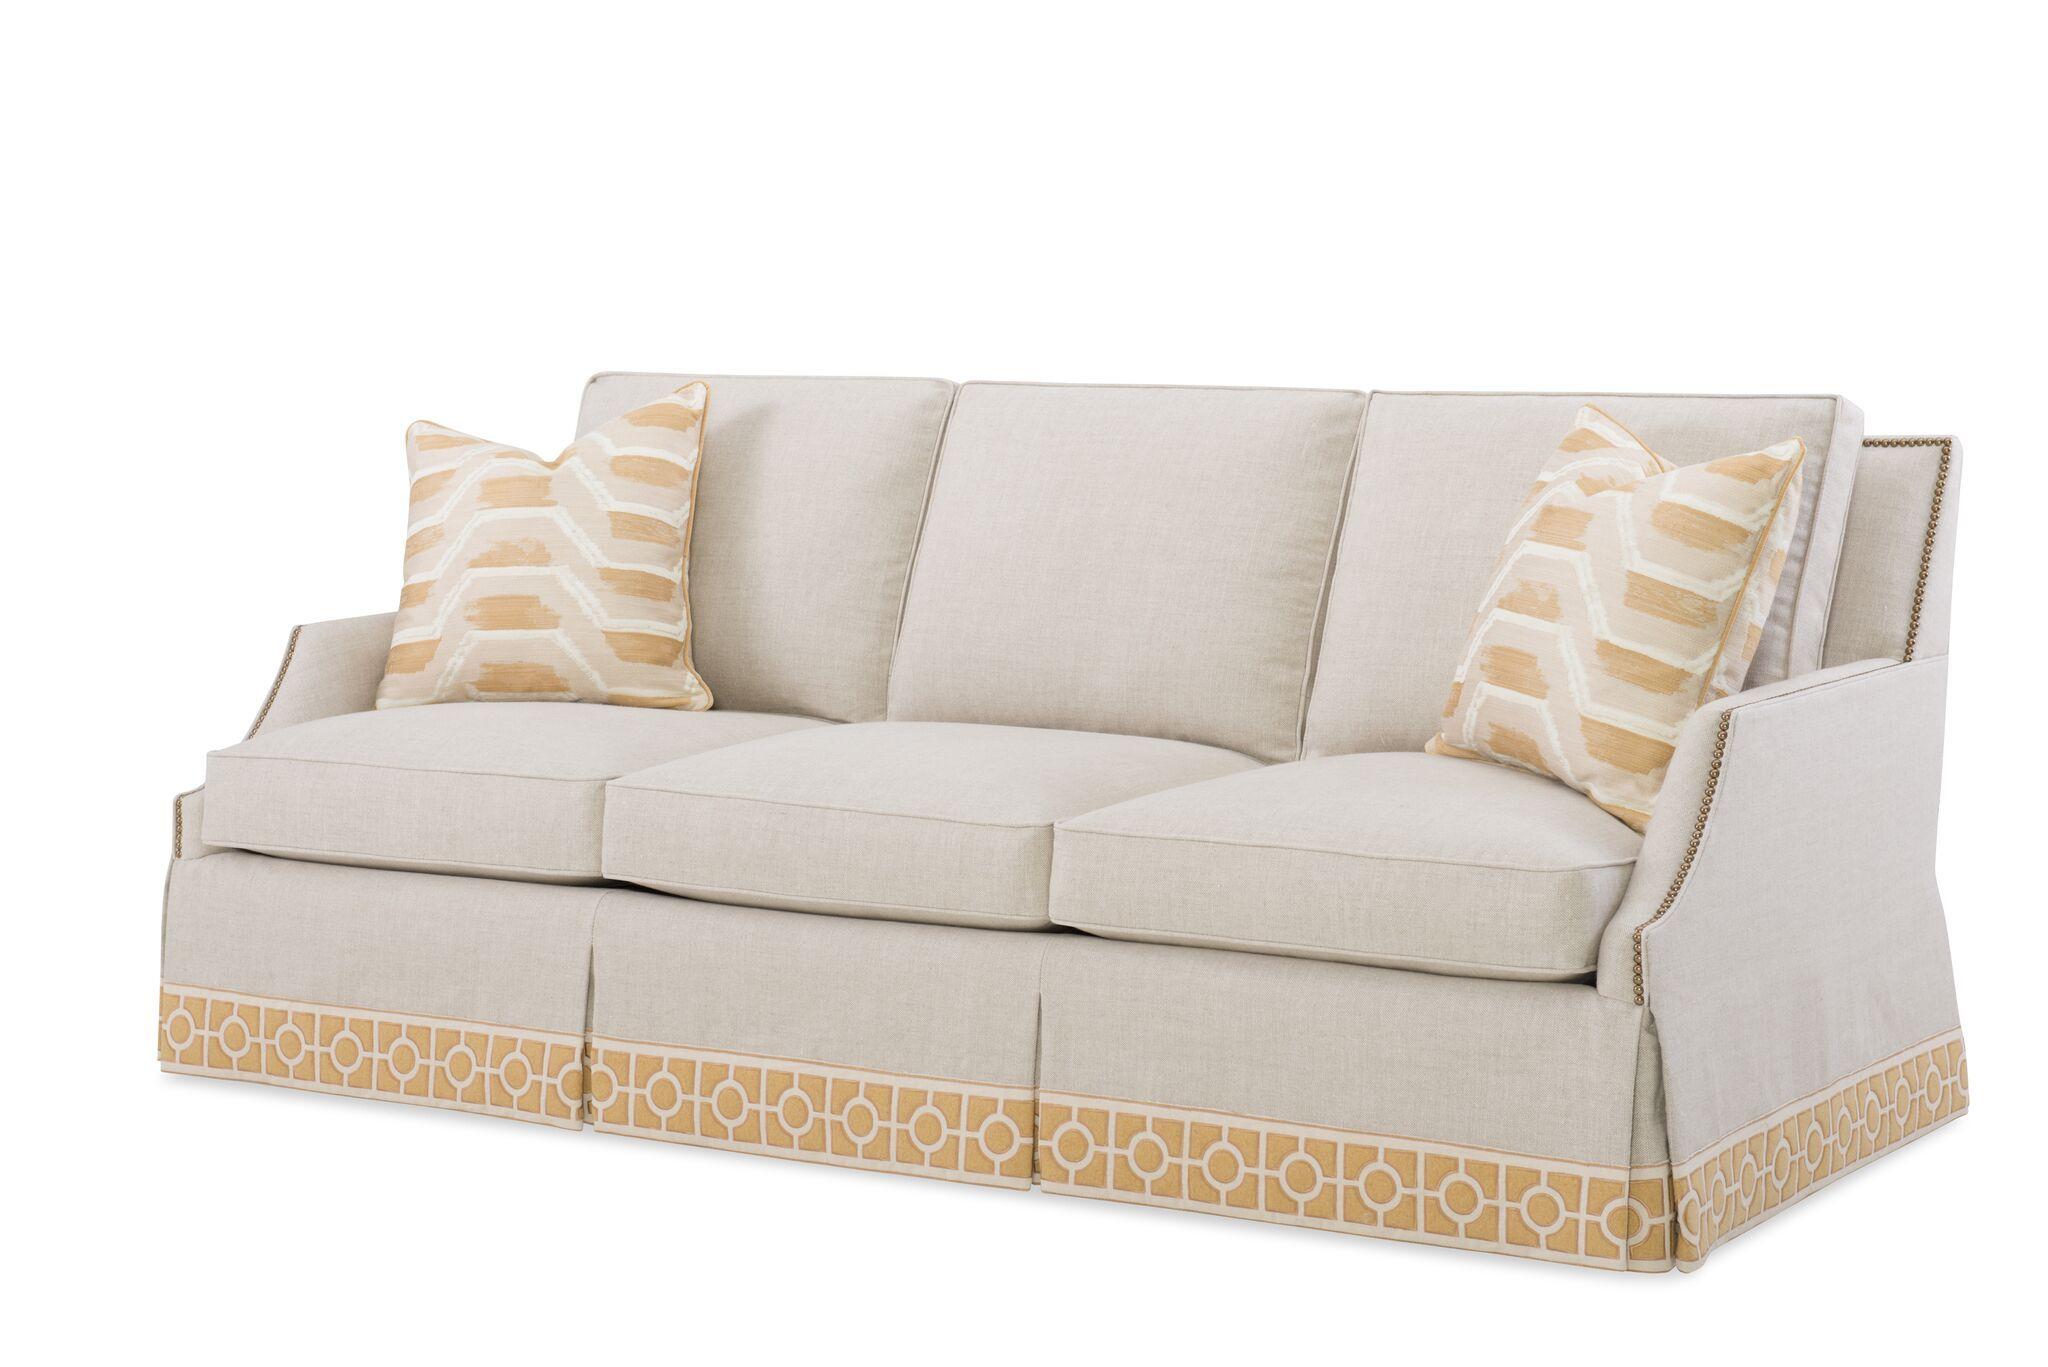 Cleo Sofa - Wesley Hall | Hall sofa, Sofa, Love seat